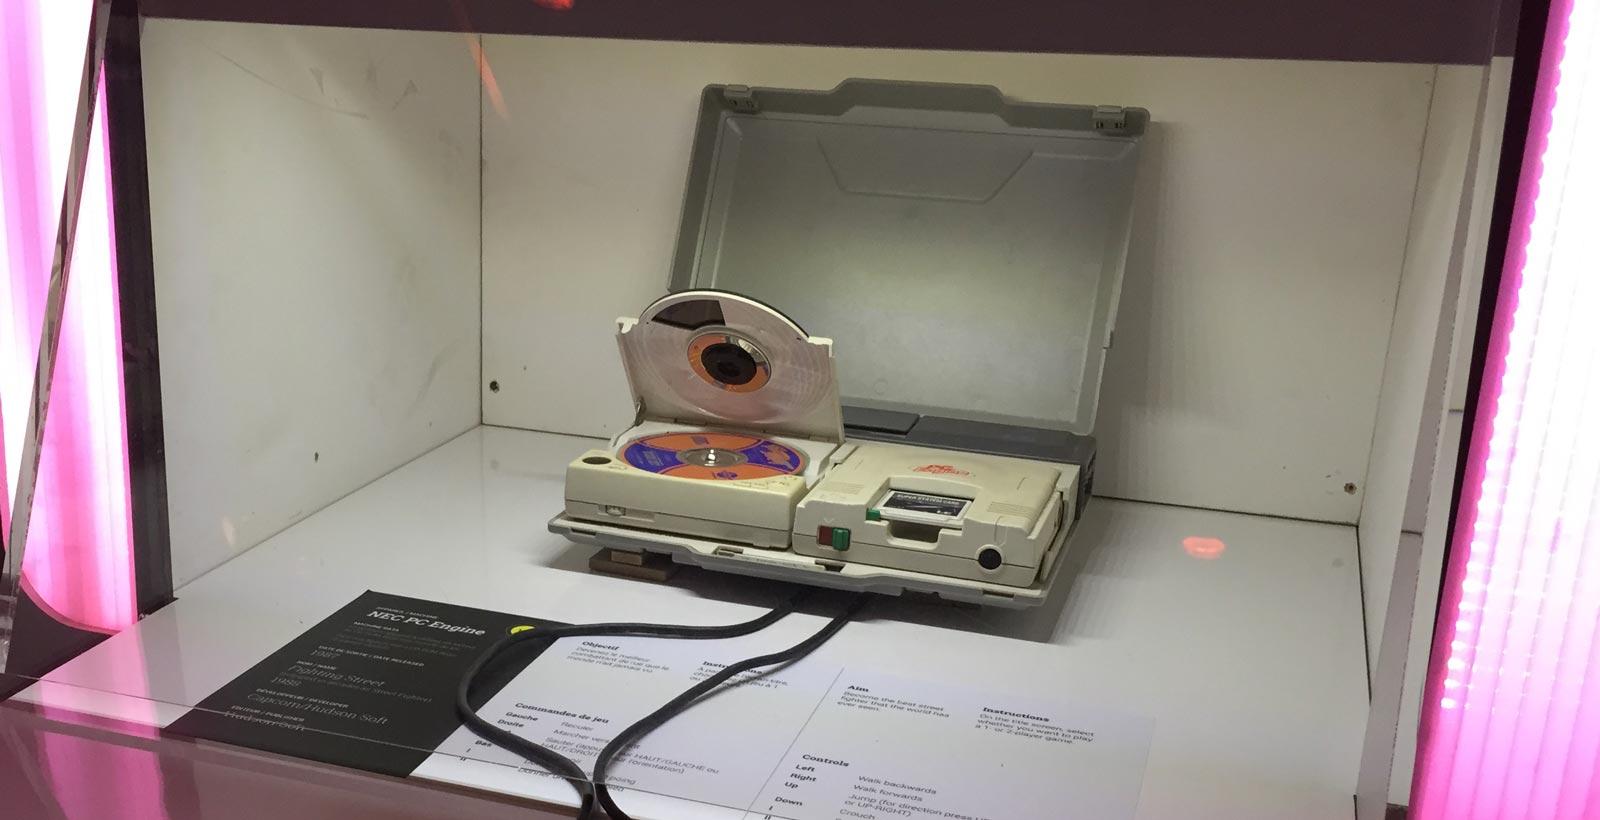 La PCEngine de NEC, avec son lecteur de CD, telle que présentée à l'exposition Game On.